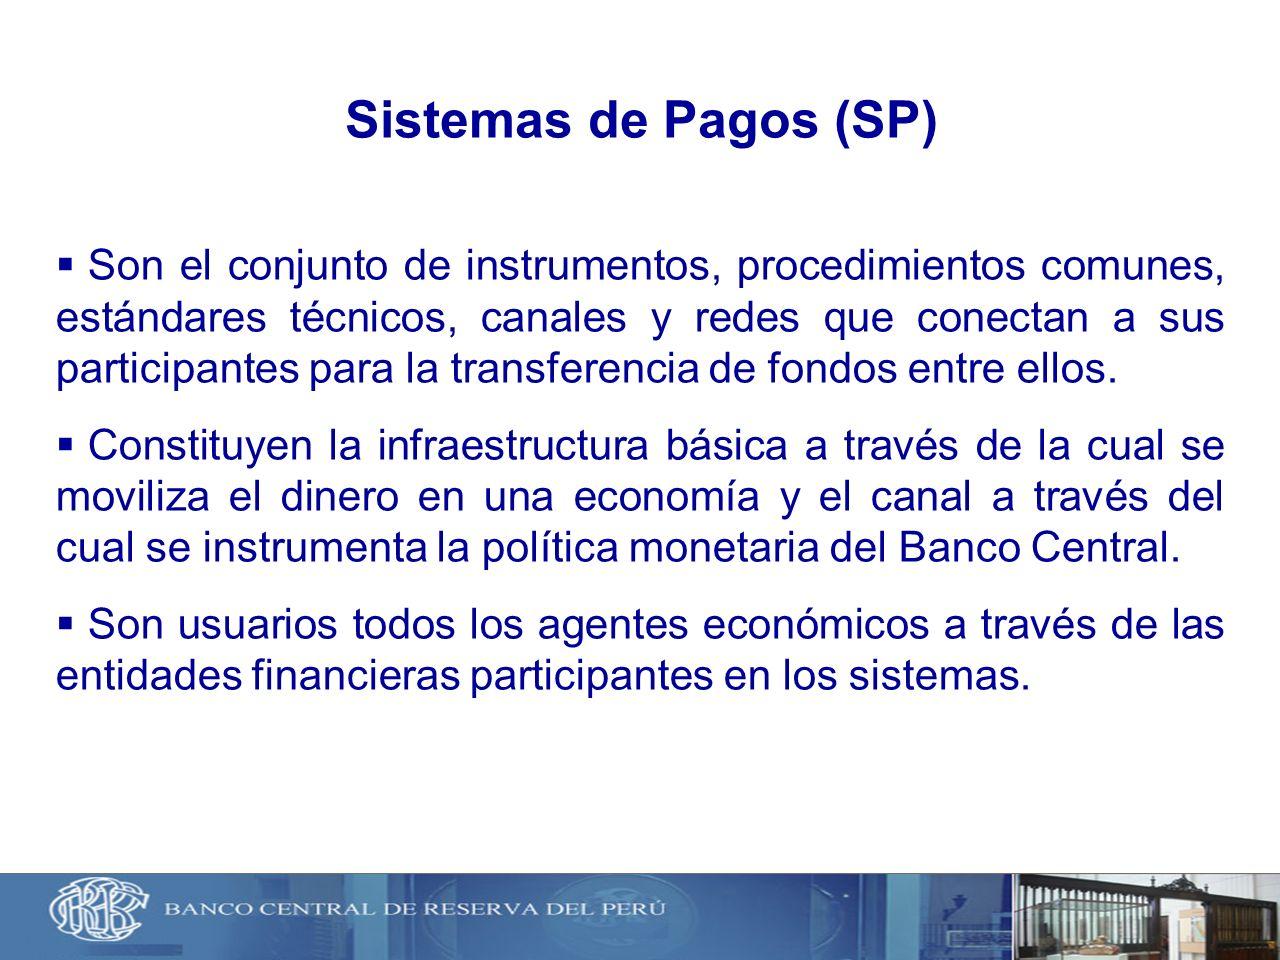 Sistemas de Pagos (SP)